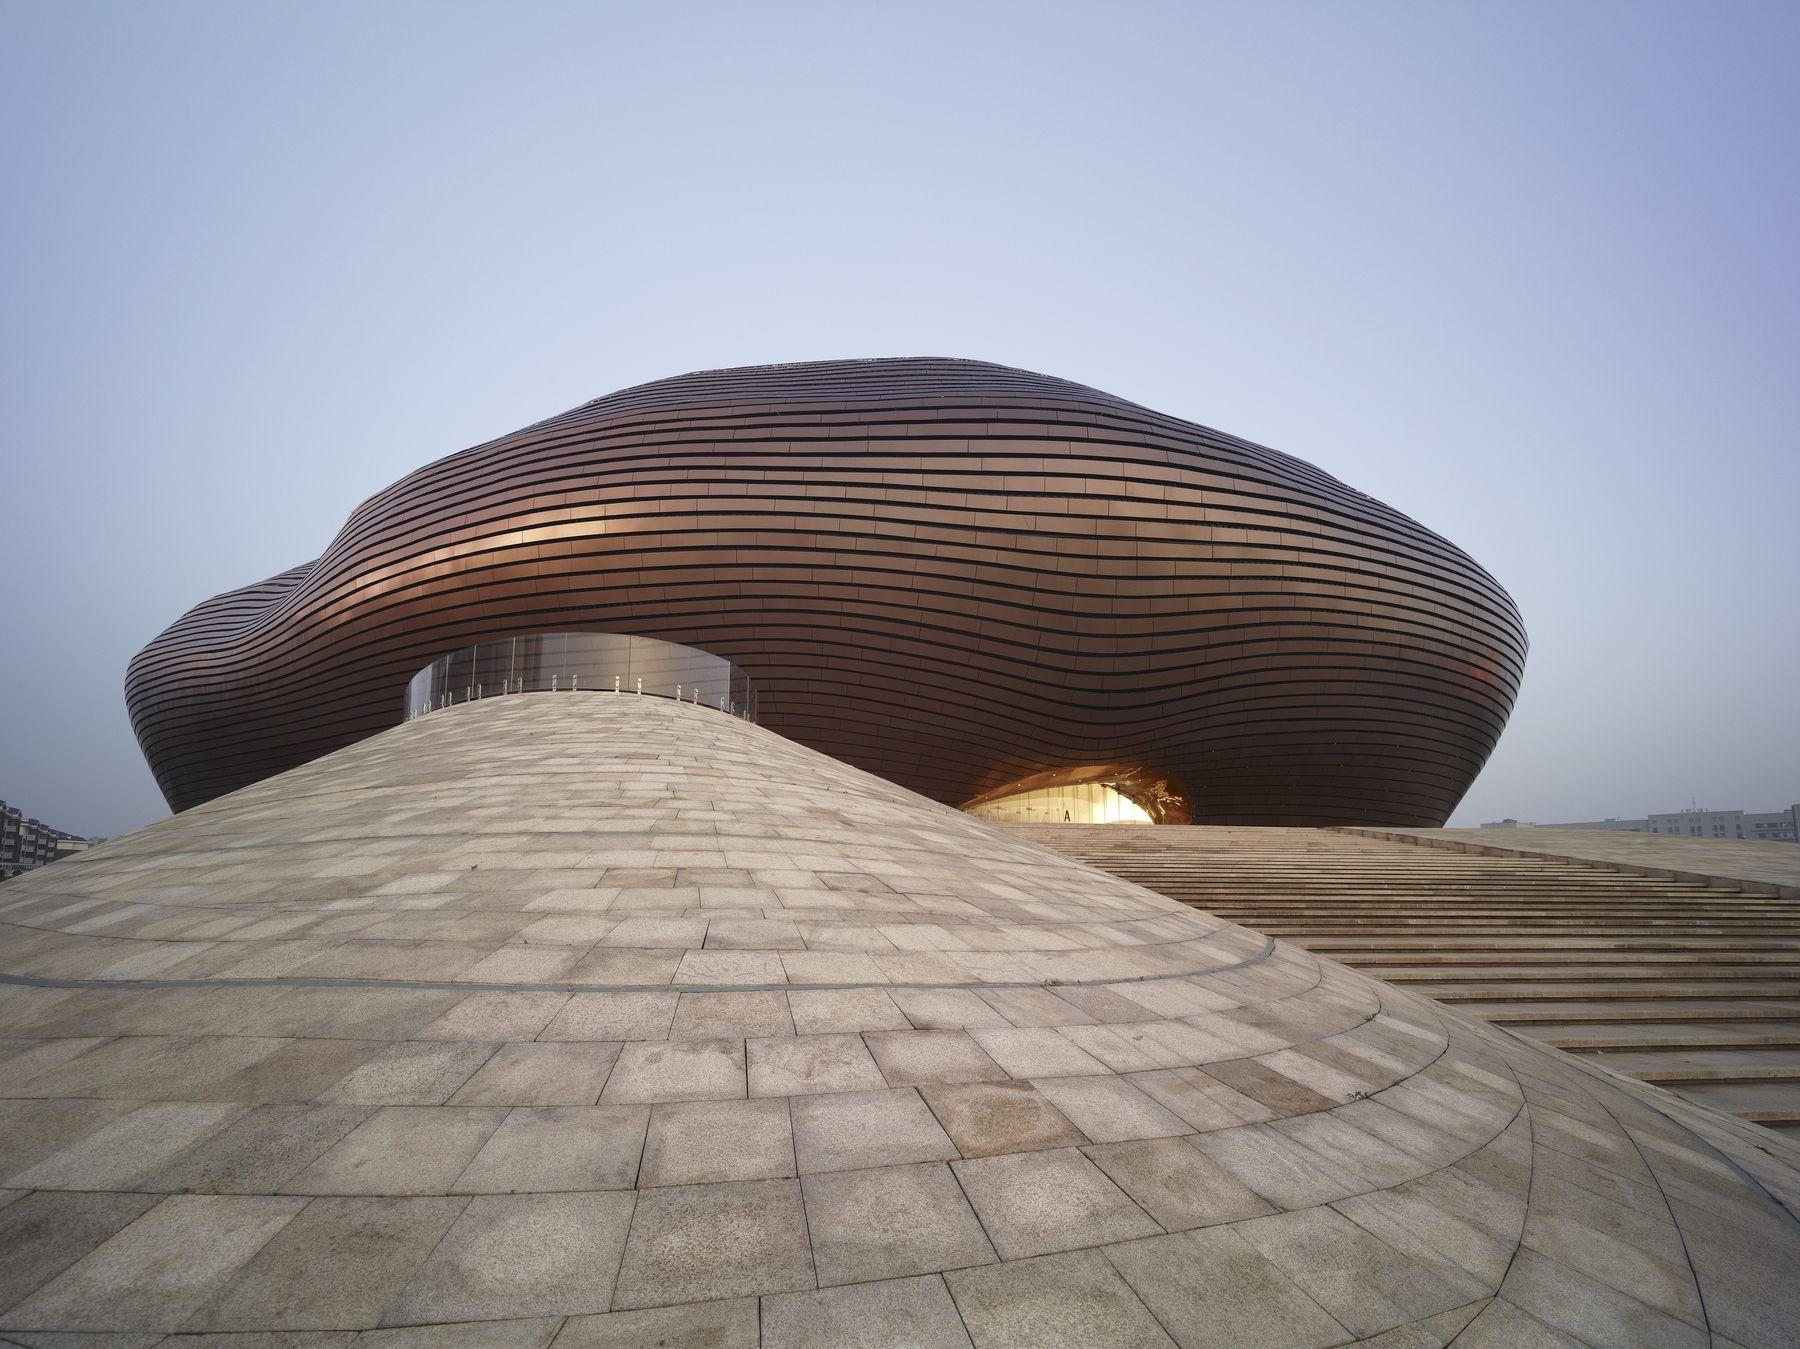 Museu de Ordos (Ordos, China)